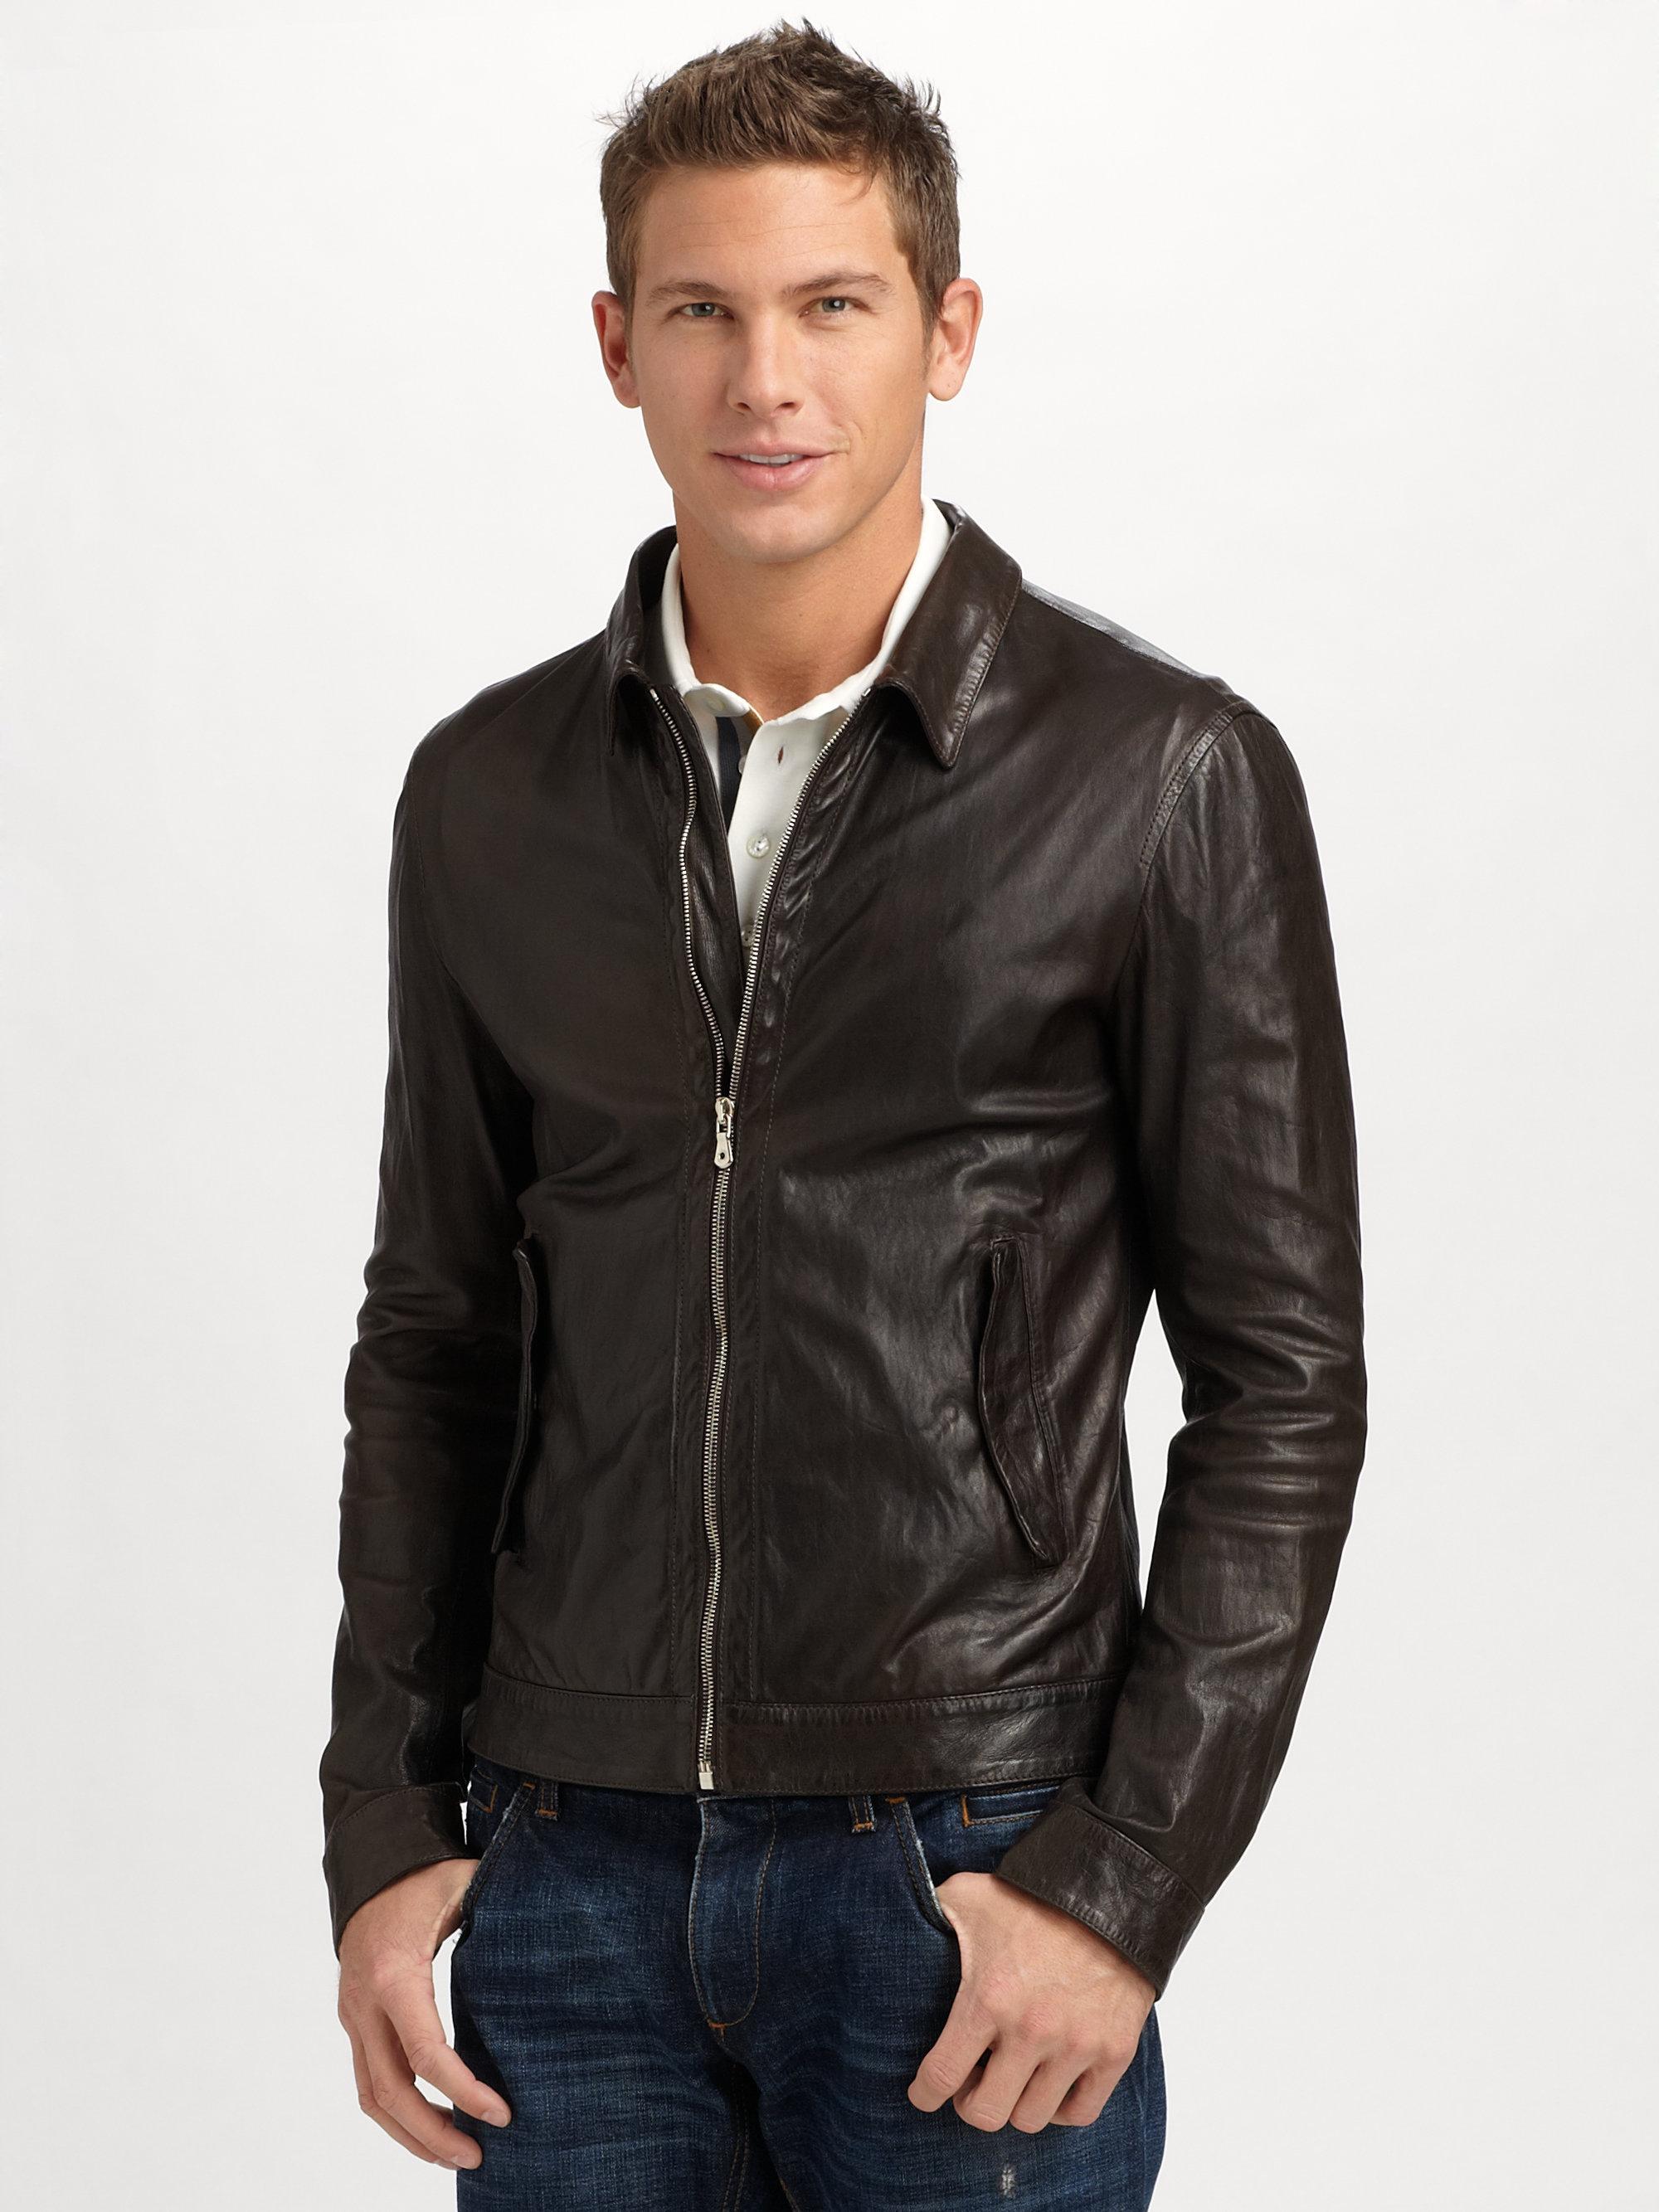 dolce gabbana washed leather jacket in brown for men lyst. Black Bedroom Furniture Sets. Home Design Ideas